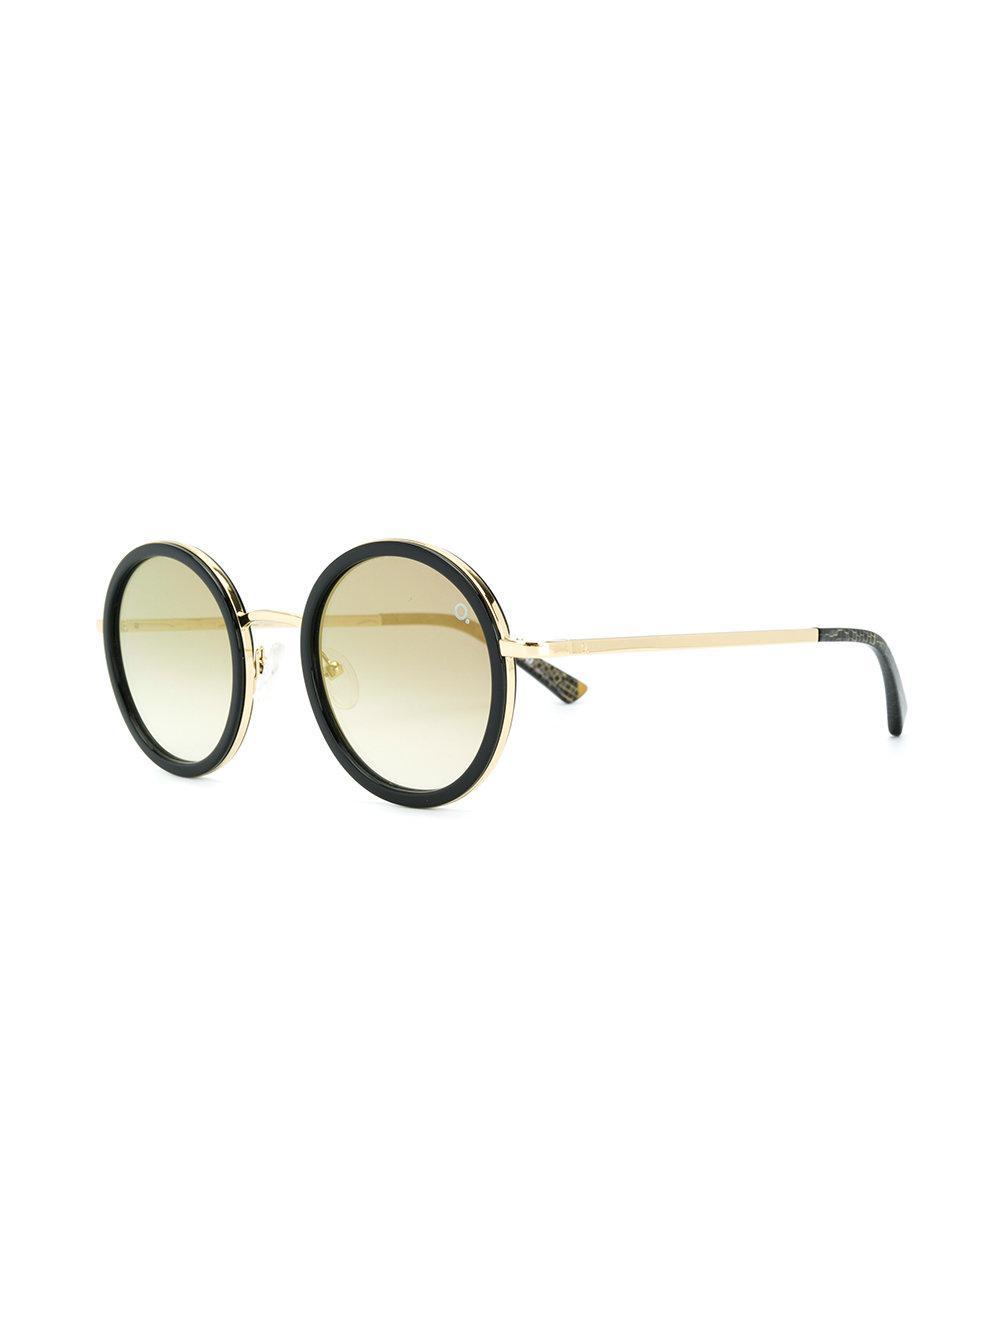 In Sunglasses Miramar Photochromic Lyst Metallic Barcelona Etnia PlXiwkOZTu